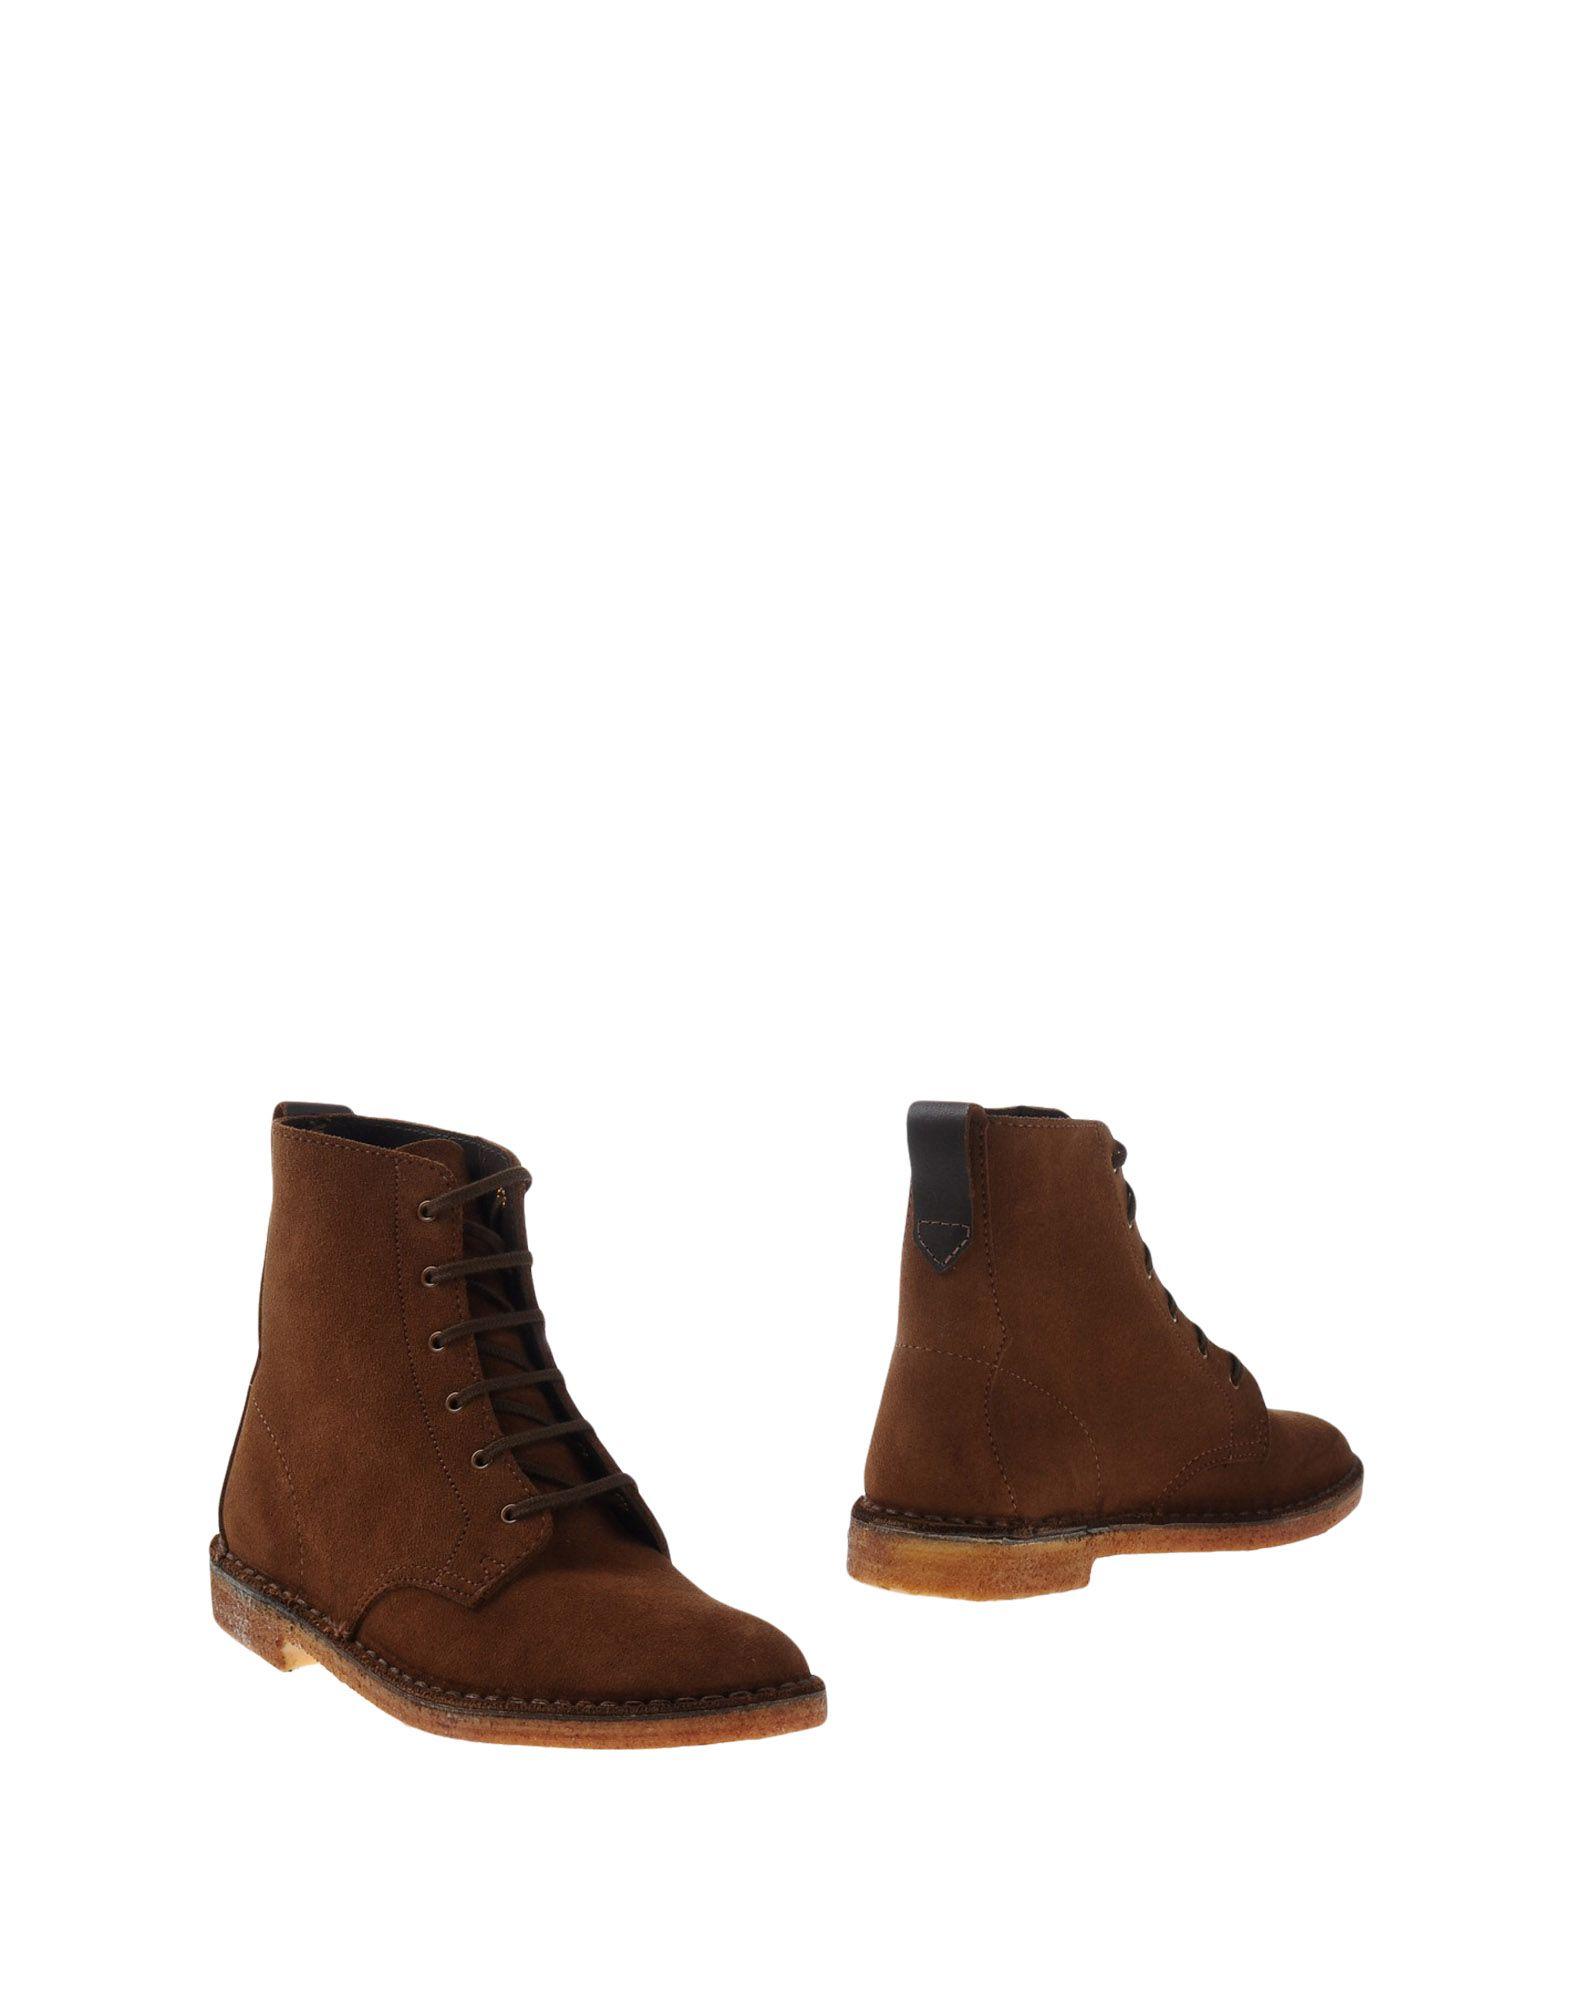 Clarks Stiefelette Damen   Damen 44964804BQ Gute Qualität beliebte Schuhe 040a03